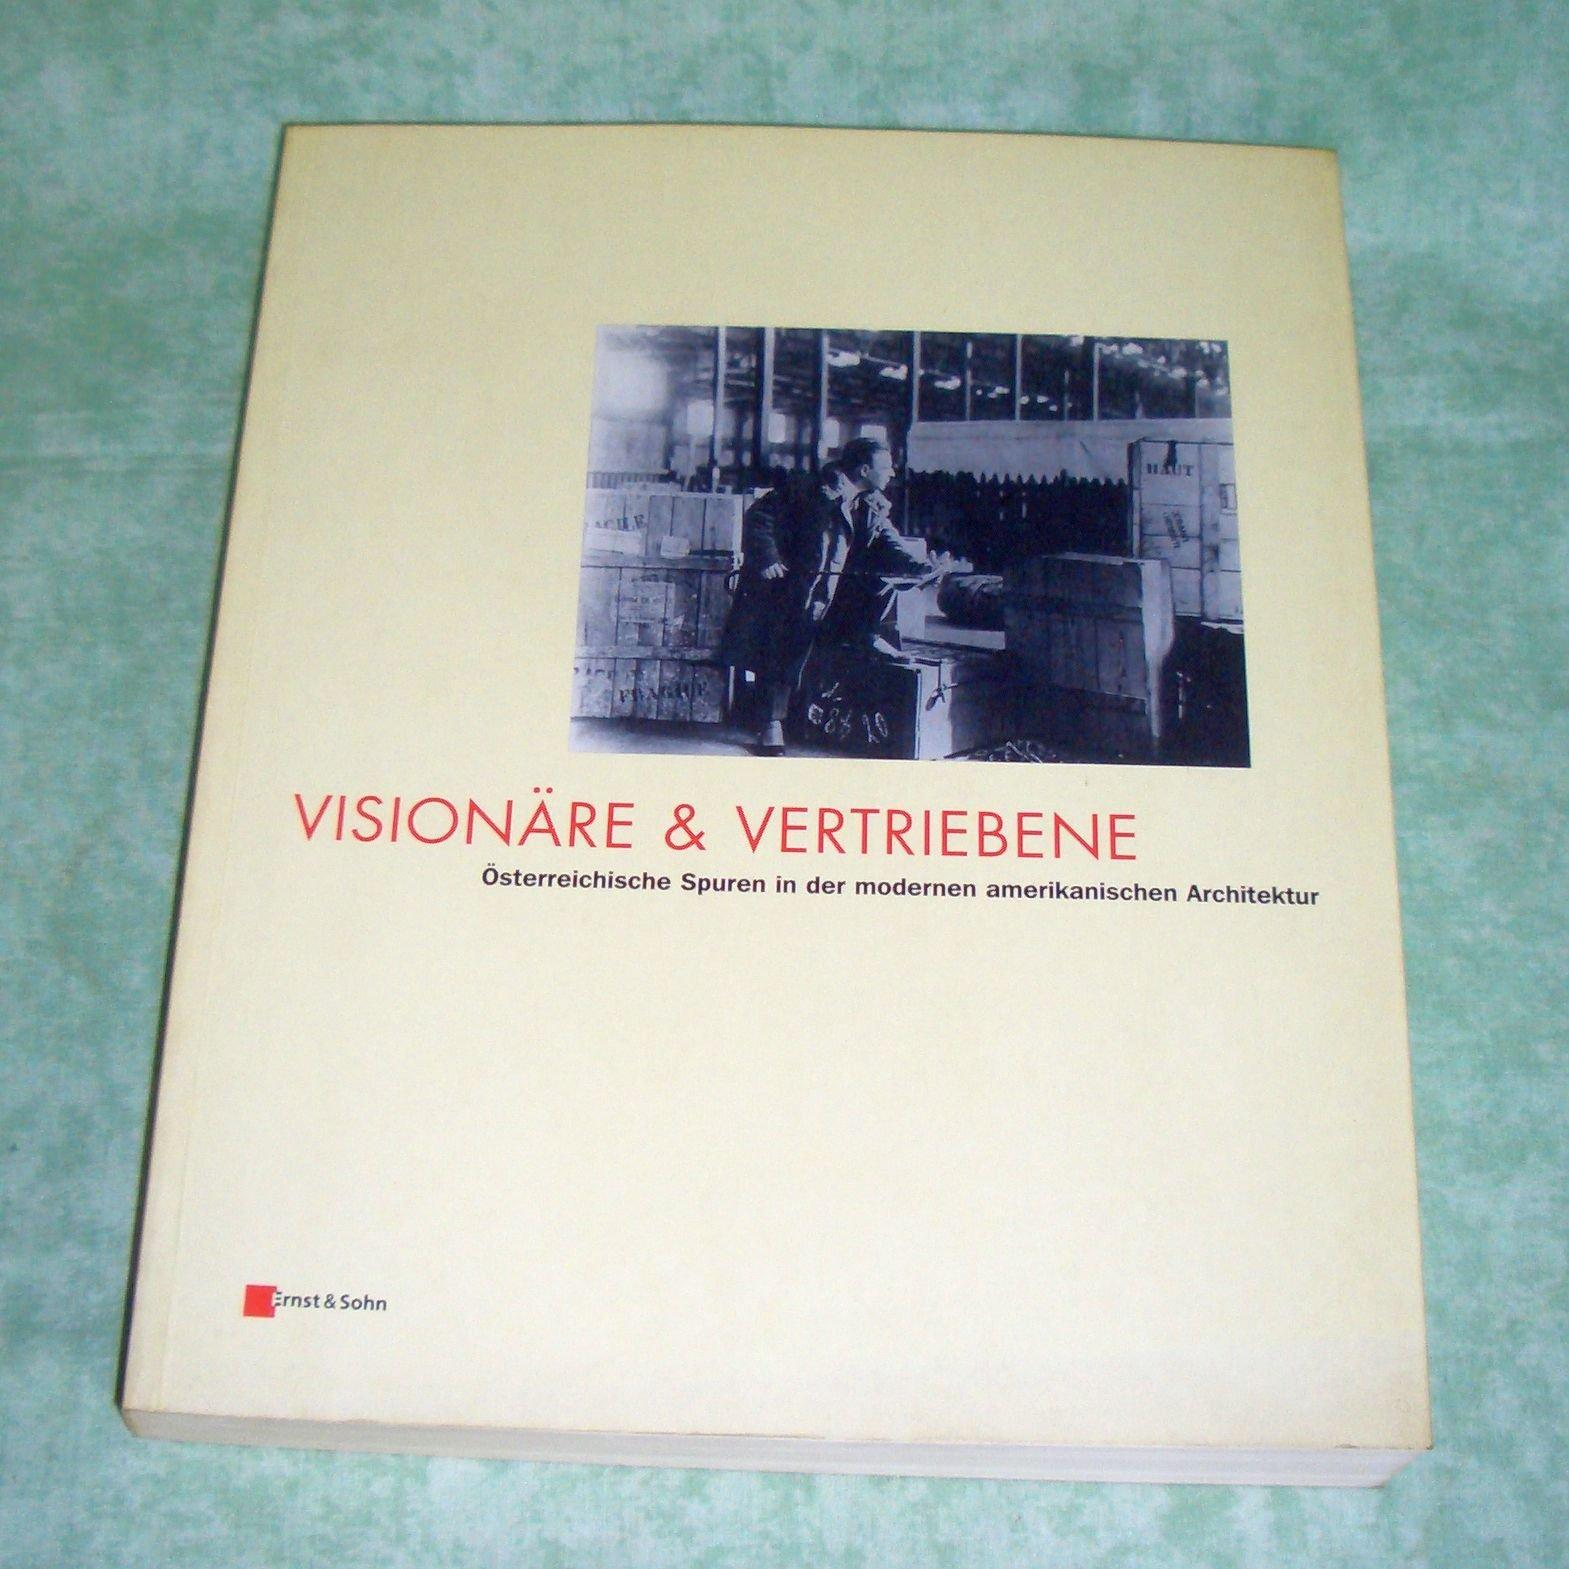 Visionäre und Vertriebene österreichische Spuren in der modernen amerikanischen Architektur